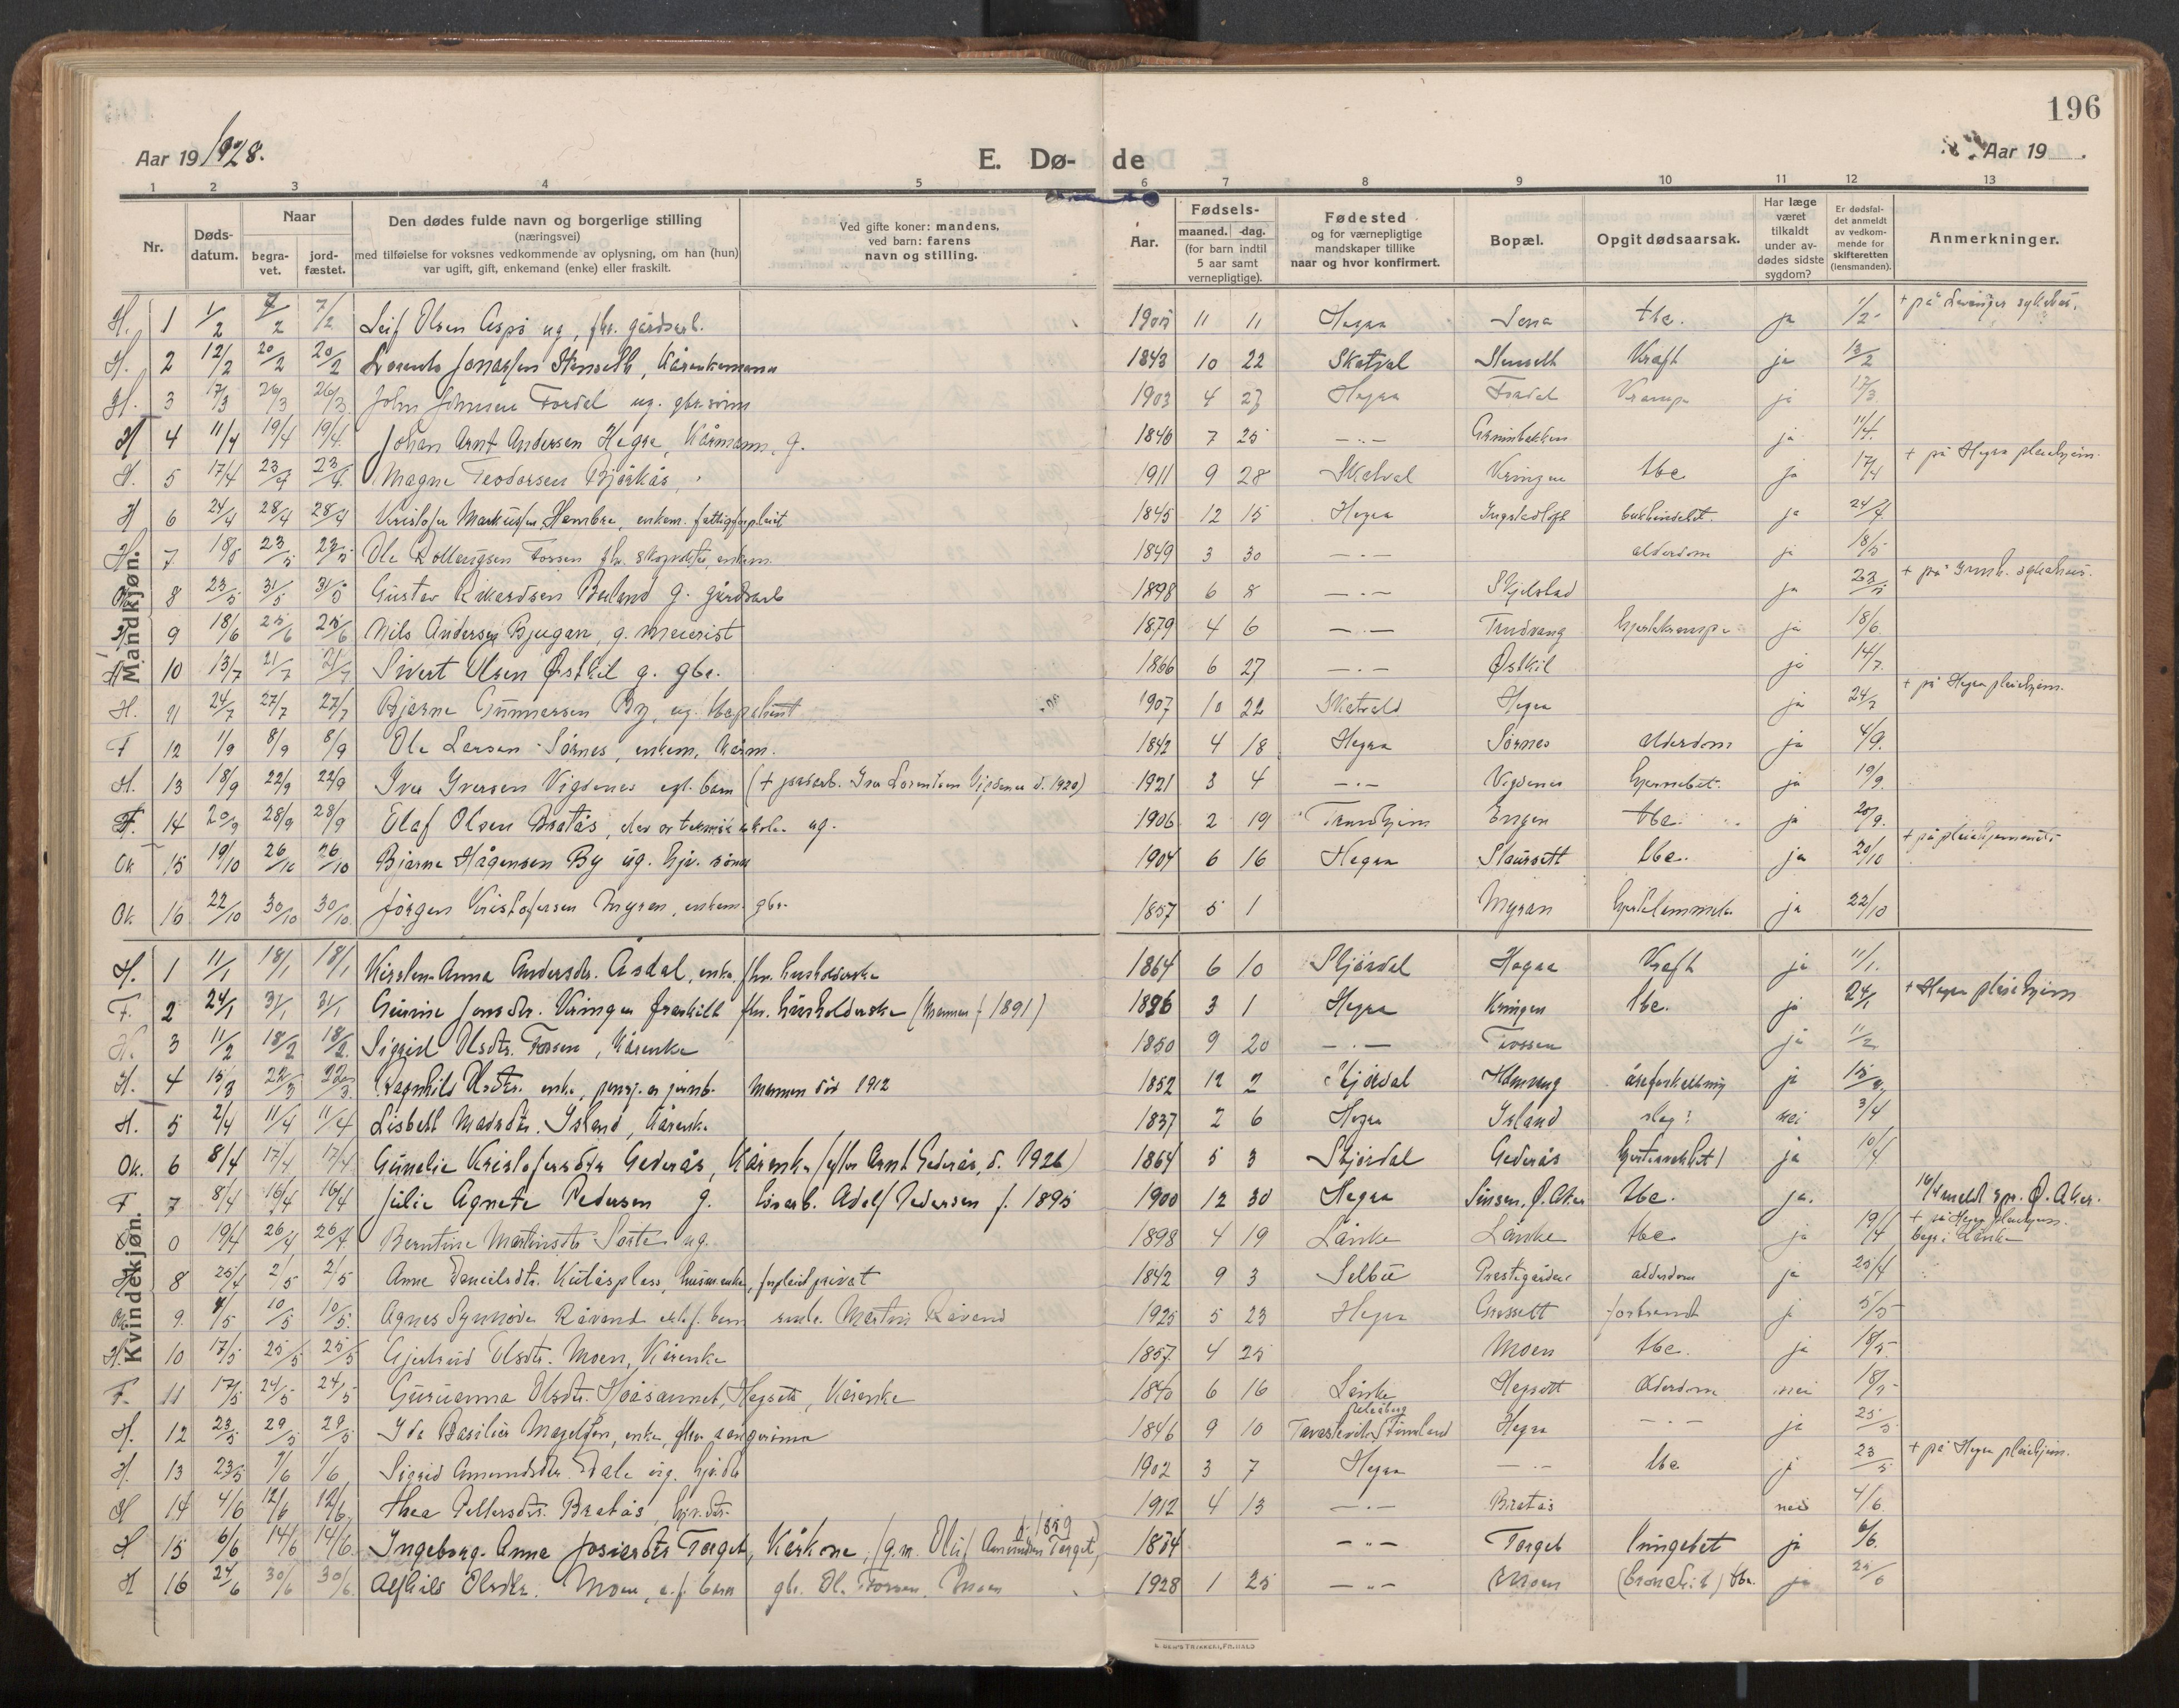 SAT, Ministerialprotokoller, klokkerbøker og fødselsregistre - Nord-Trøndelag, 703/L0037: Parish register (official) no. 703A10, 1915-1932, p. 196